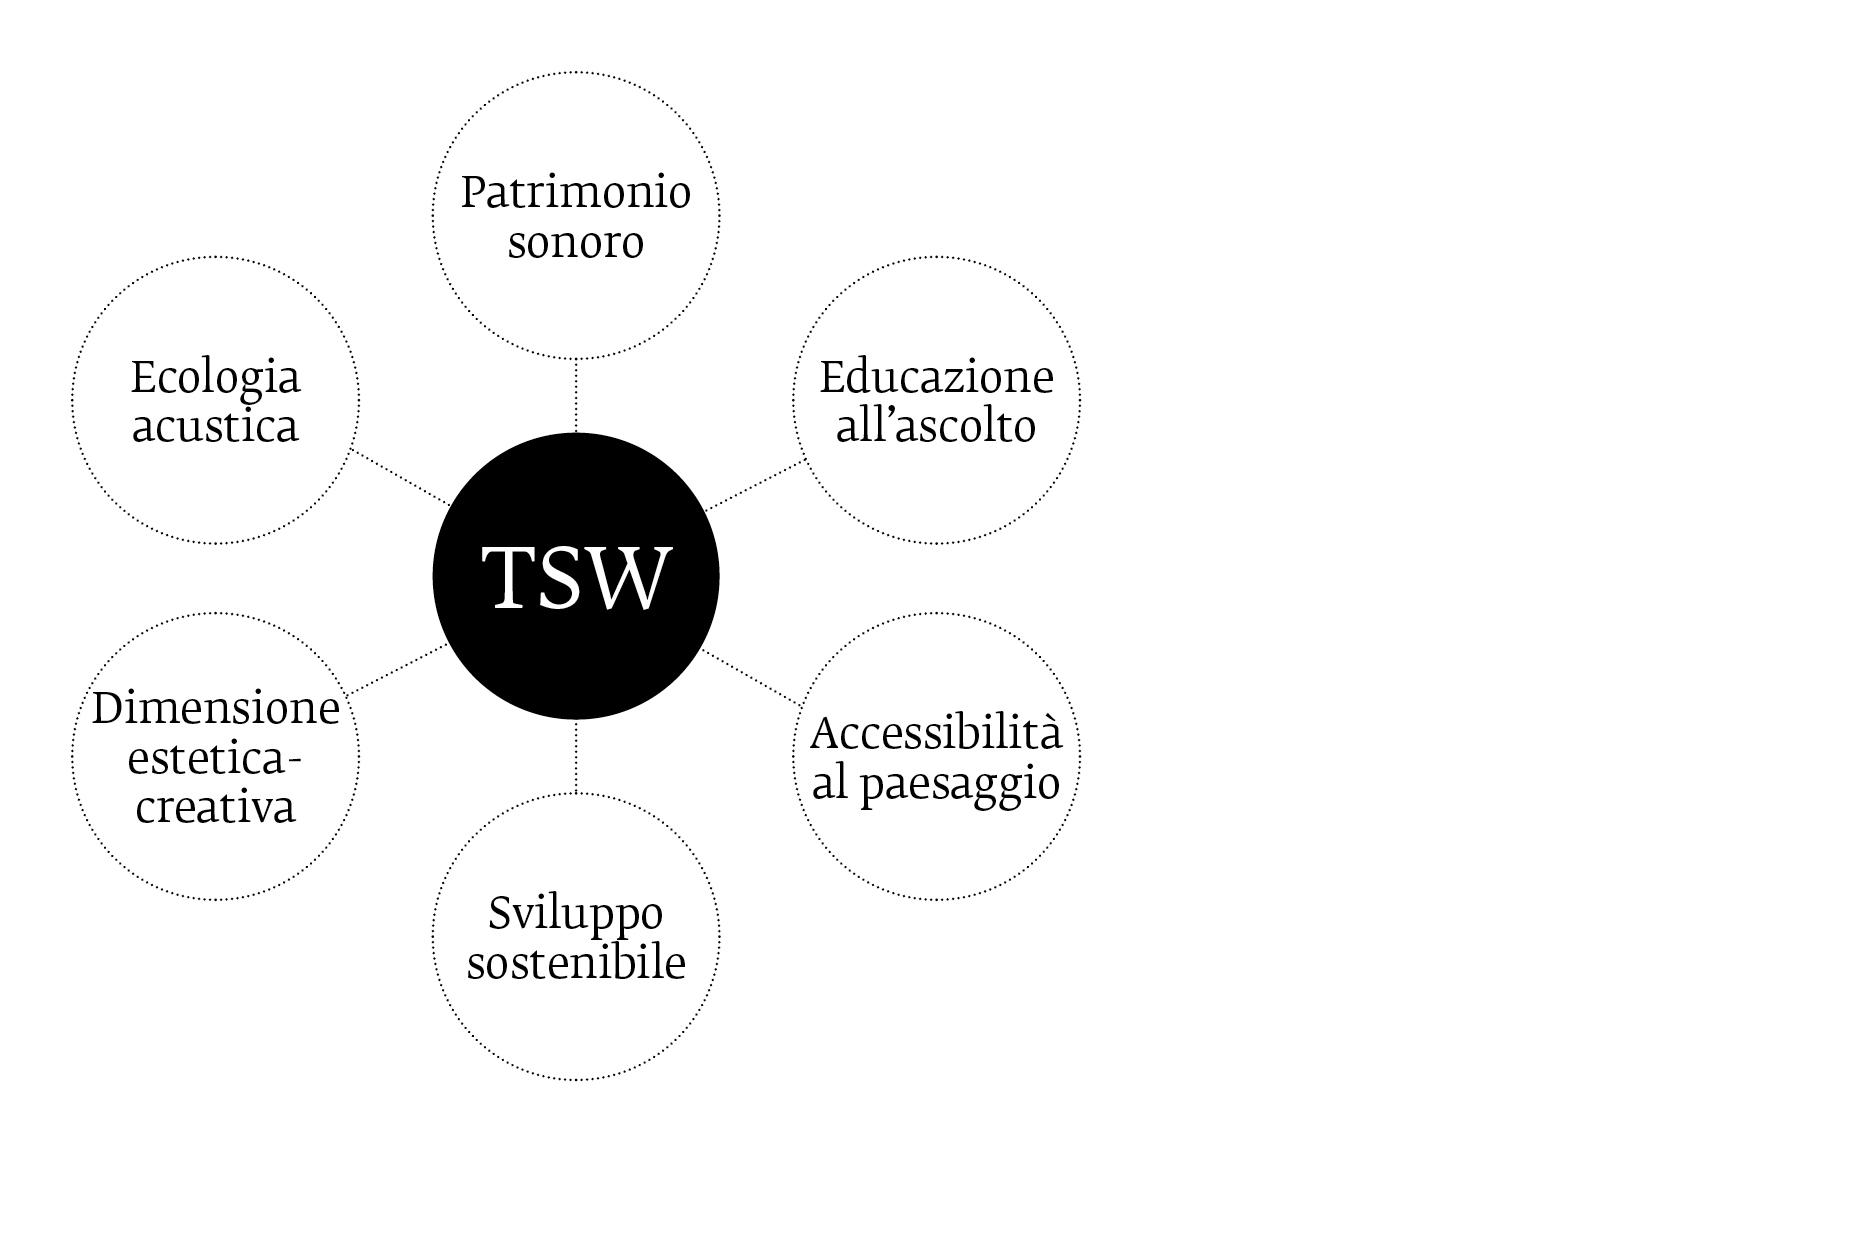 schema-tsw